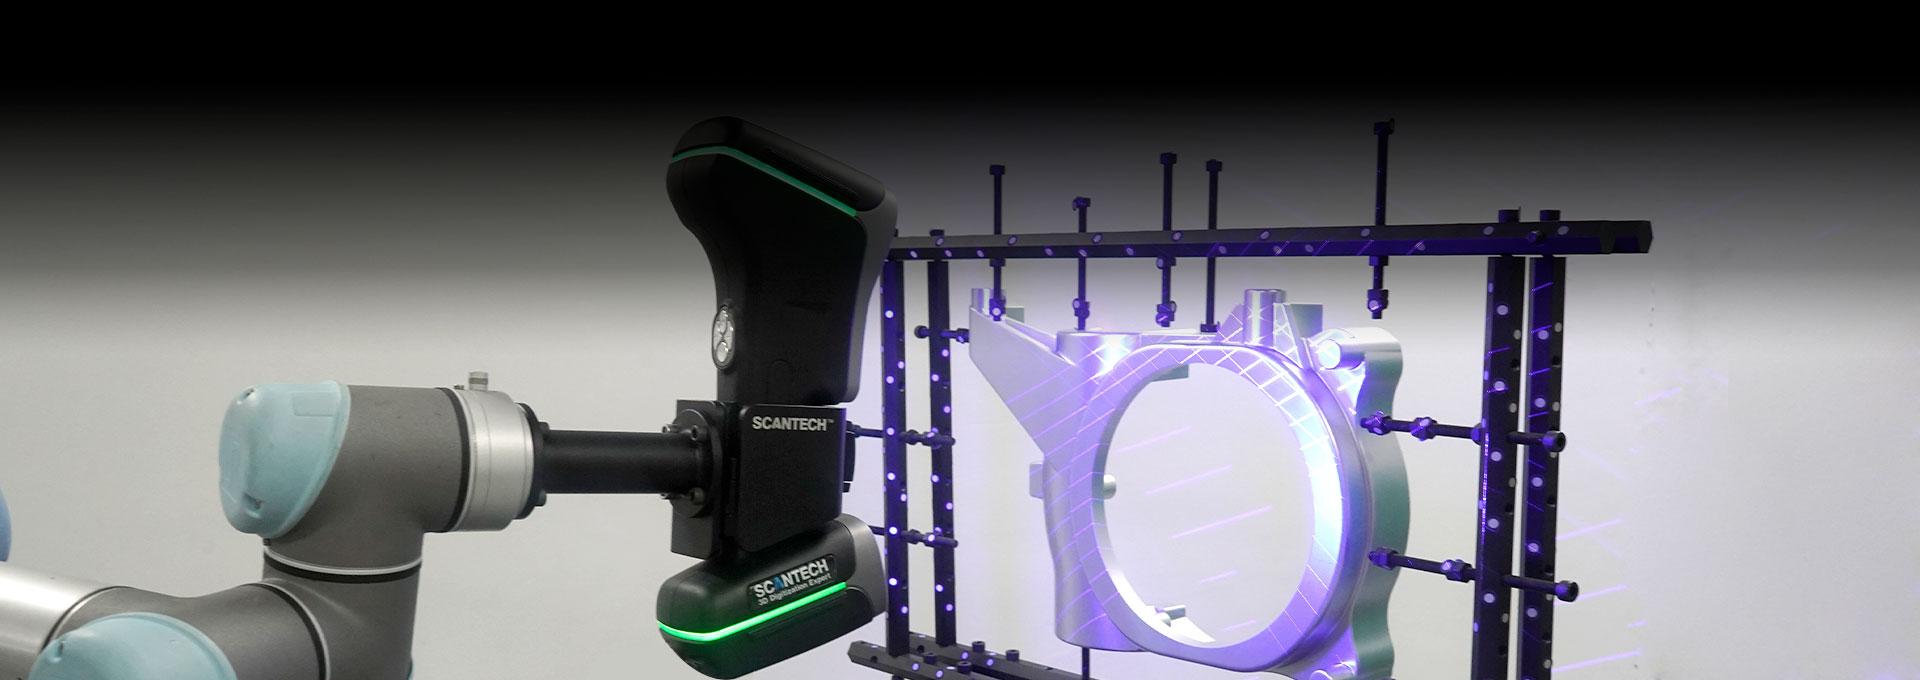 AUTOSCAN-K 3D SCANNR (6)